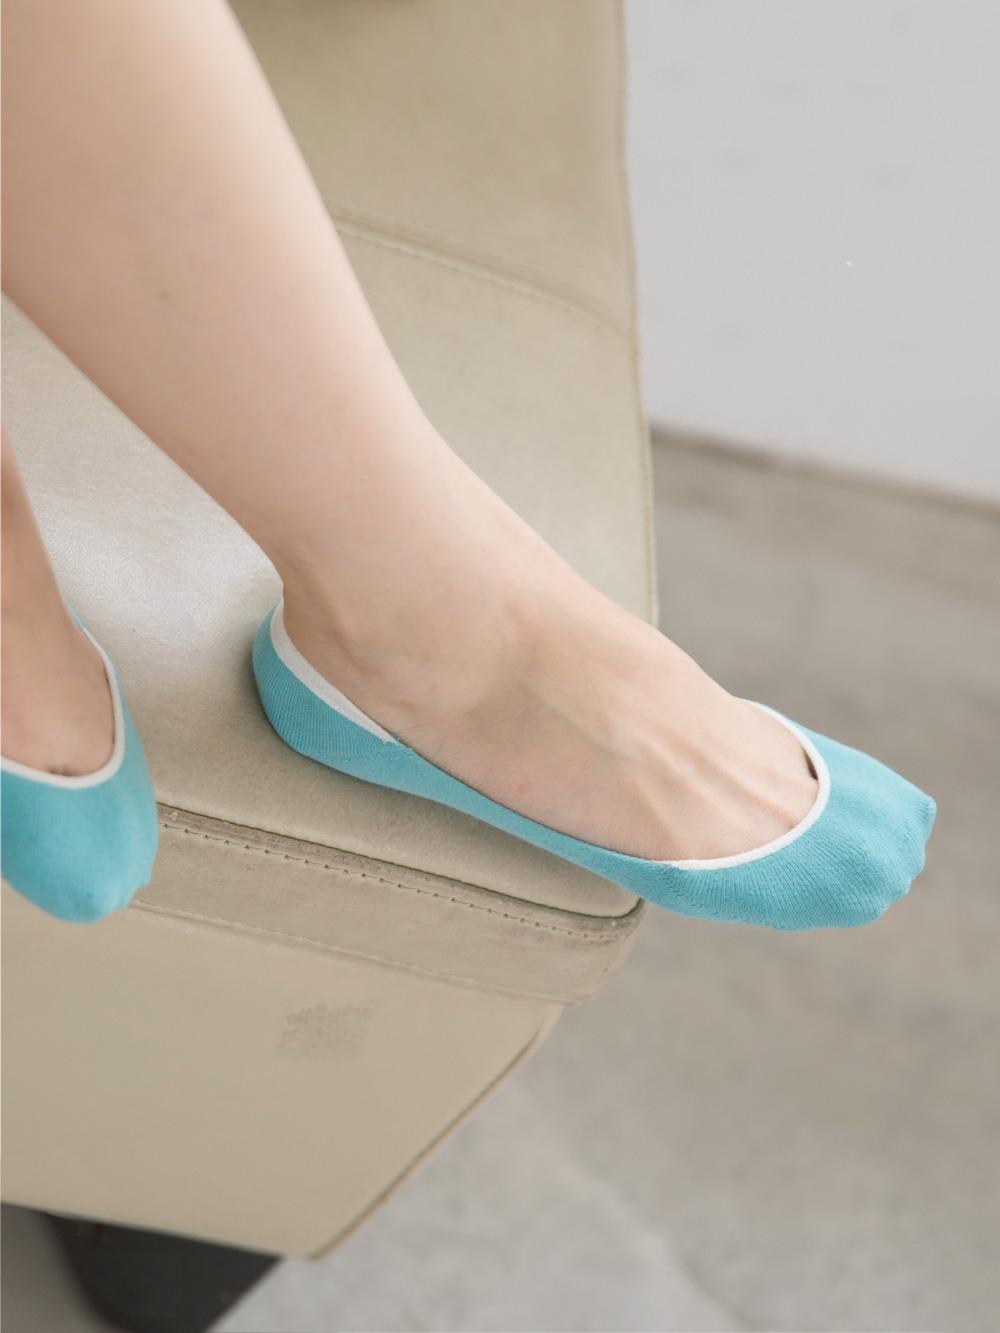 貝柔軟底護足氣墊無痕止滑襪套-純色